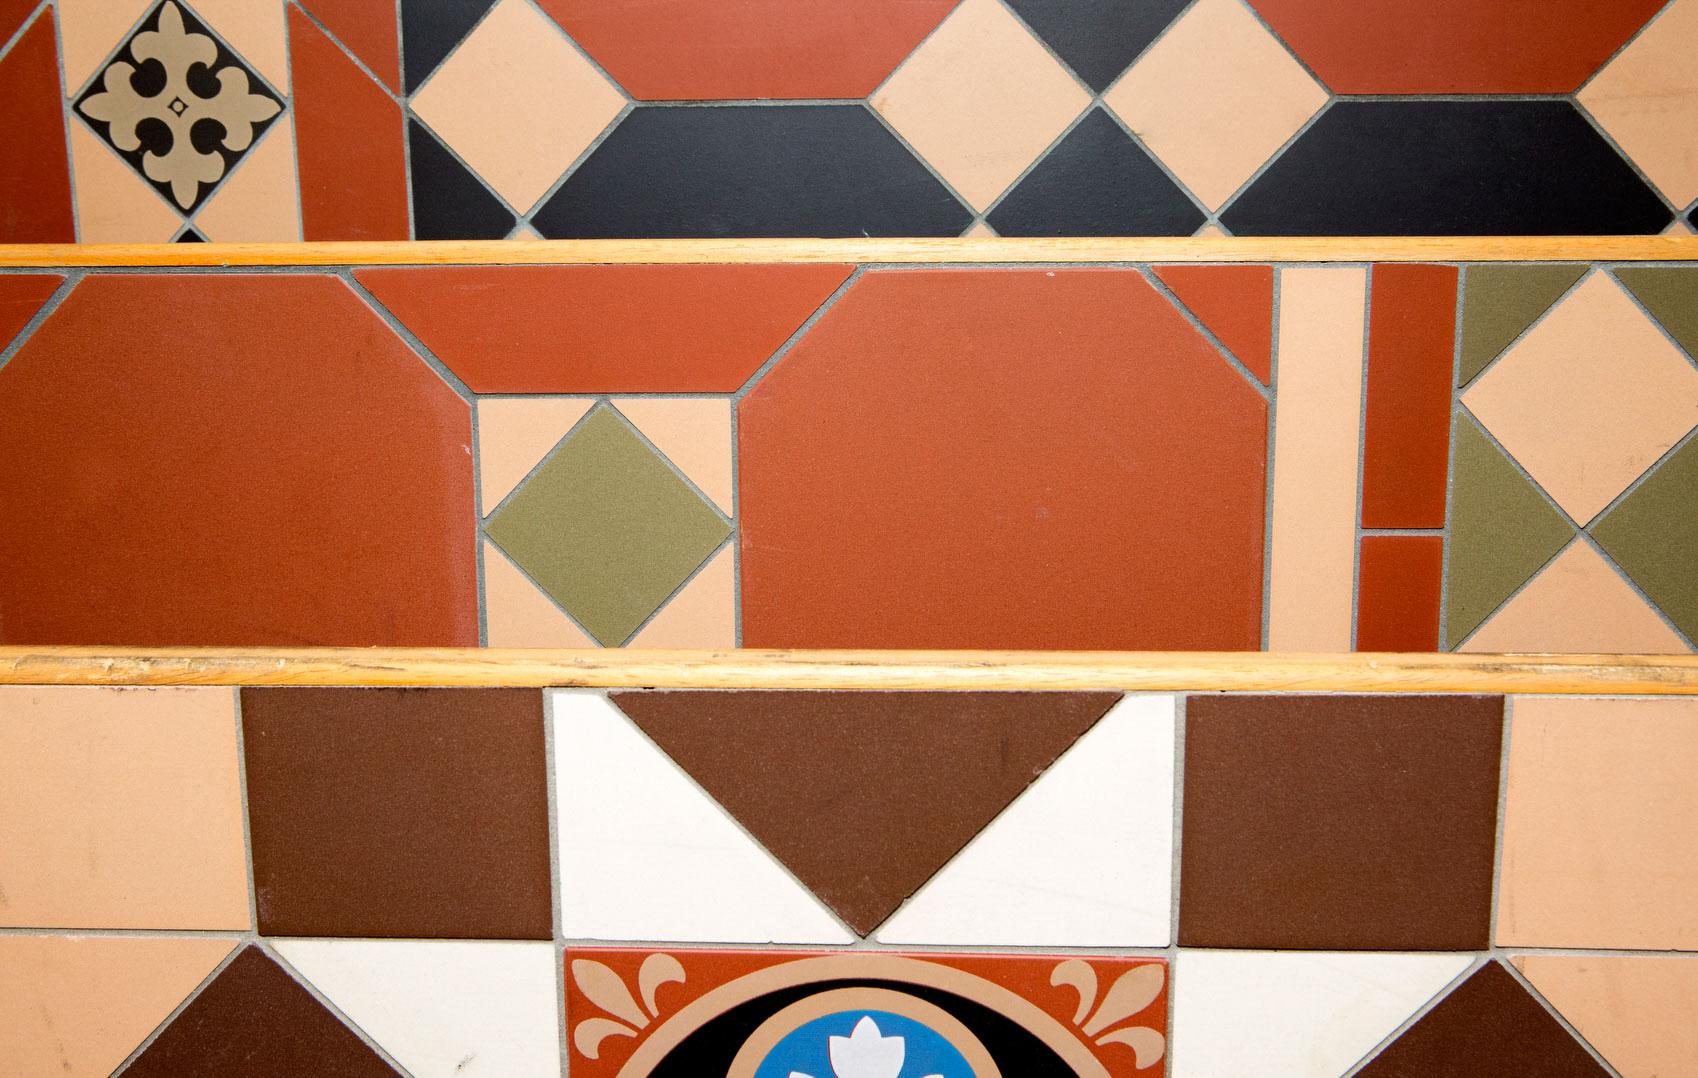 bespoke-stone-tiles-2